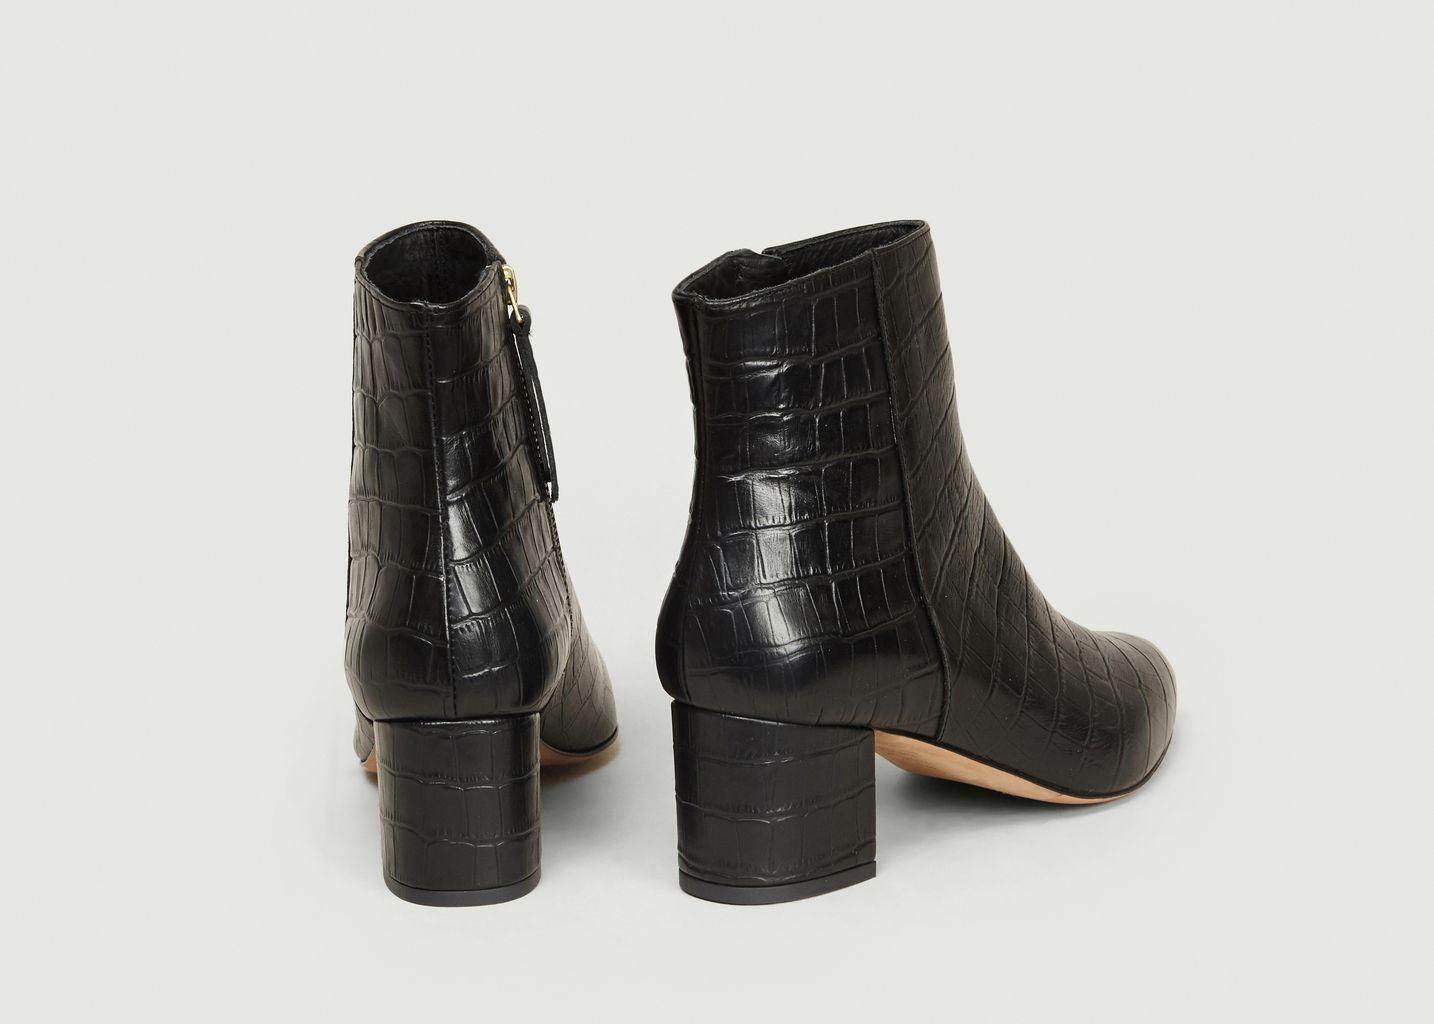 Boots L'Effrontée Façon Croco - Bobbies Paris